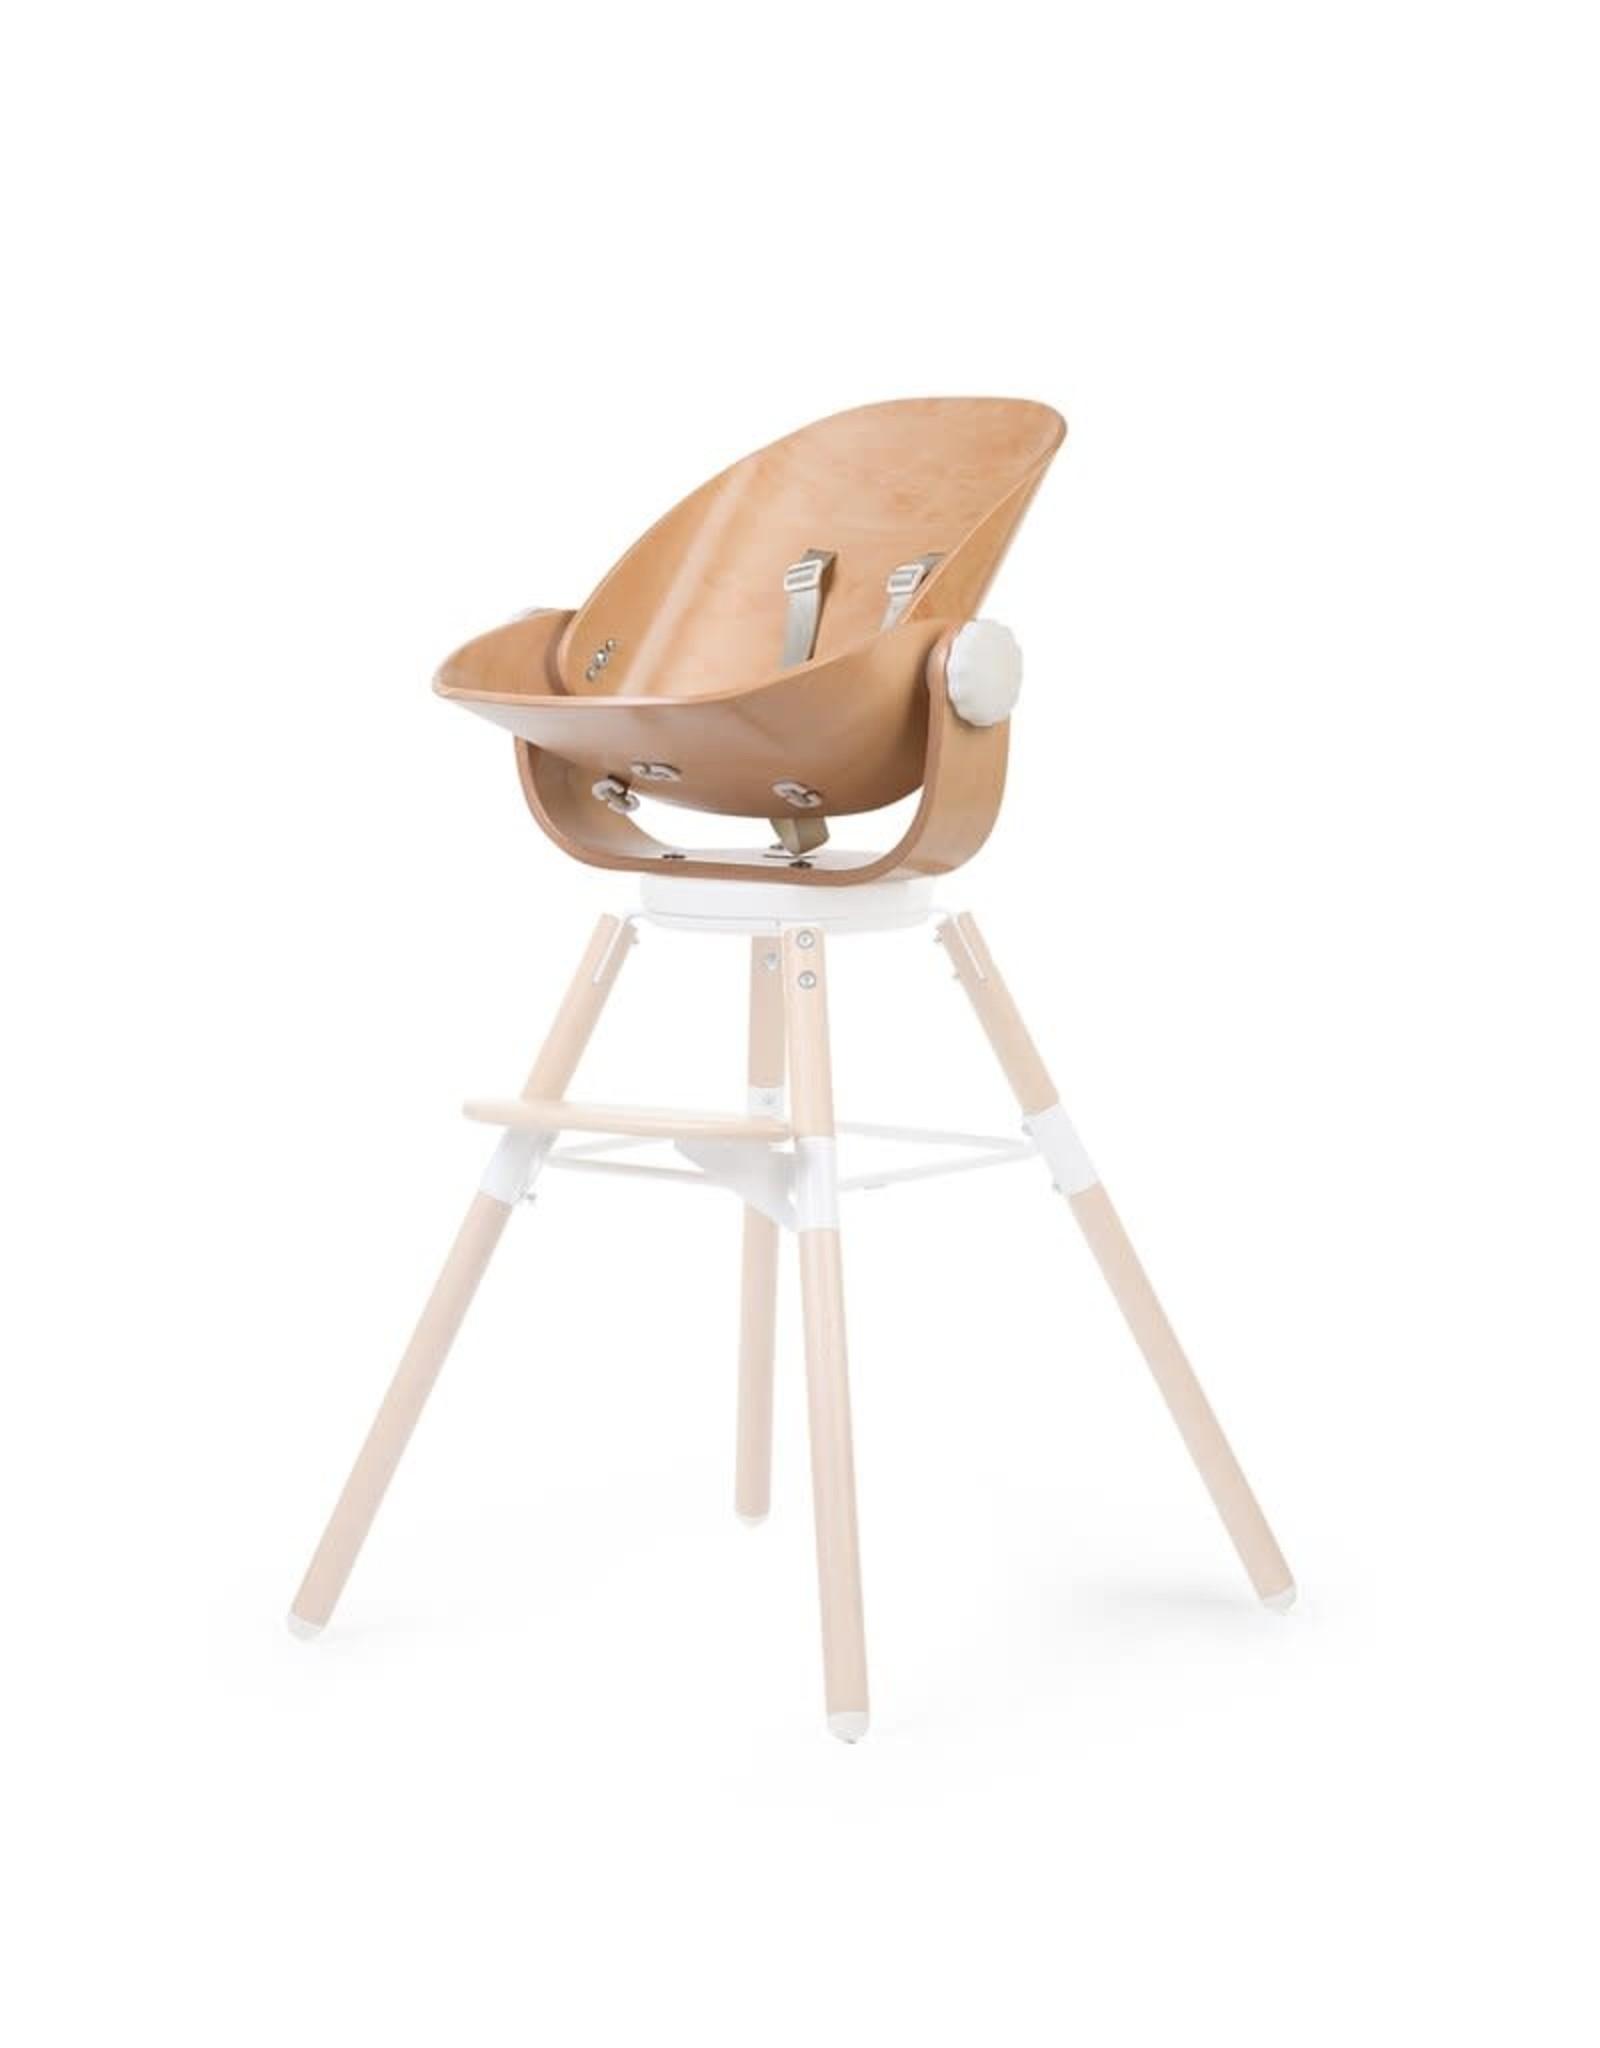 Childhome Childhome Evolu Newborn Seat Voor Evolu 2 + One.80° - Hout - Naturel Wit